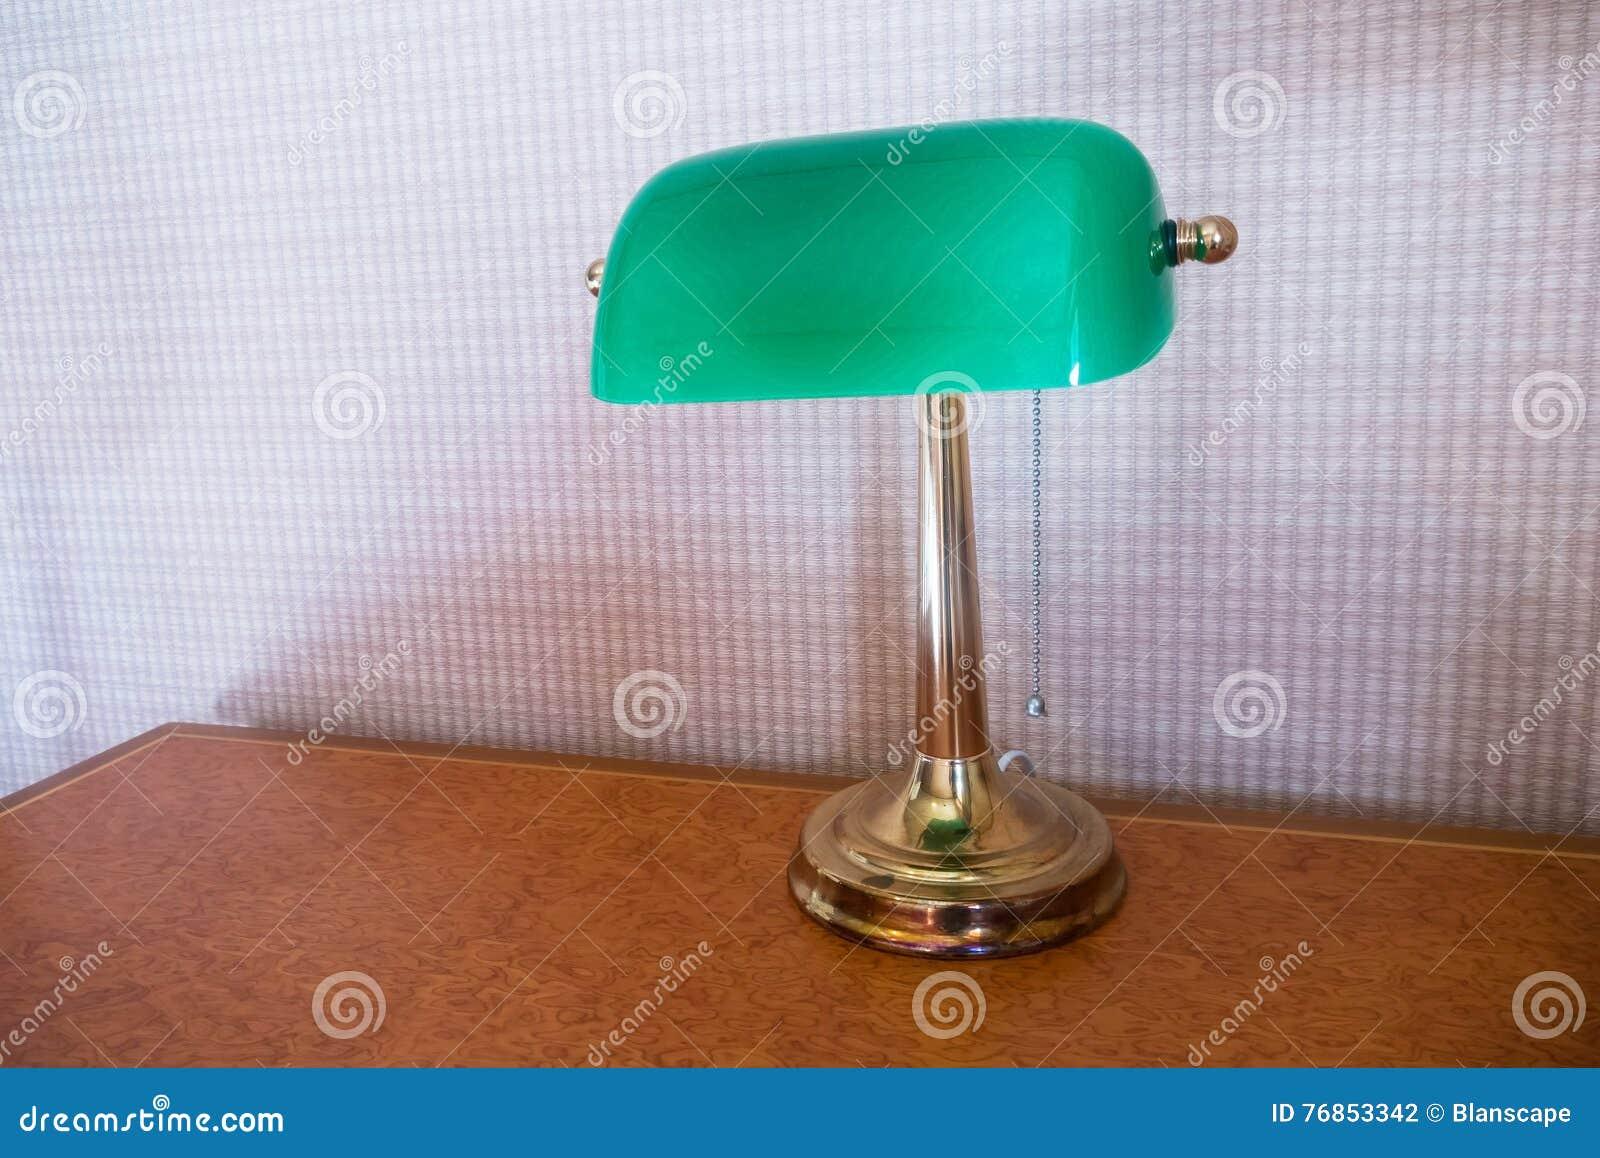 Lámpara Escritorio Foto archivo Imagen De Retra de Verde xCdoWreB